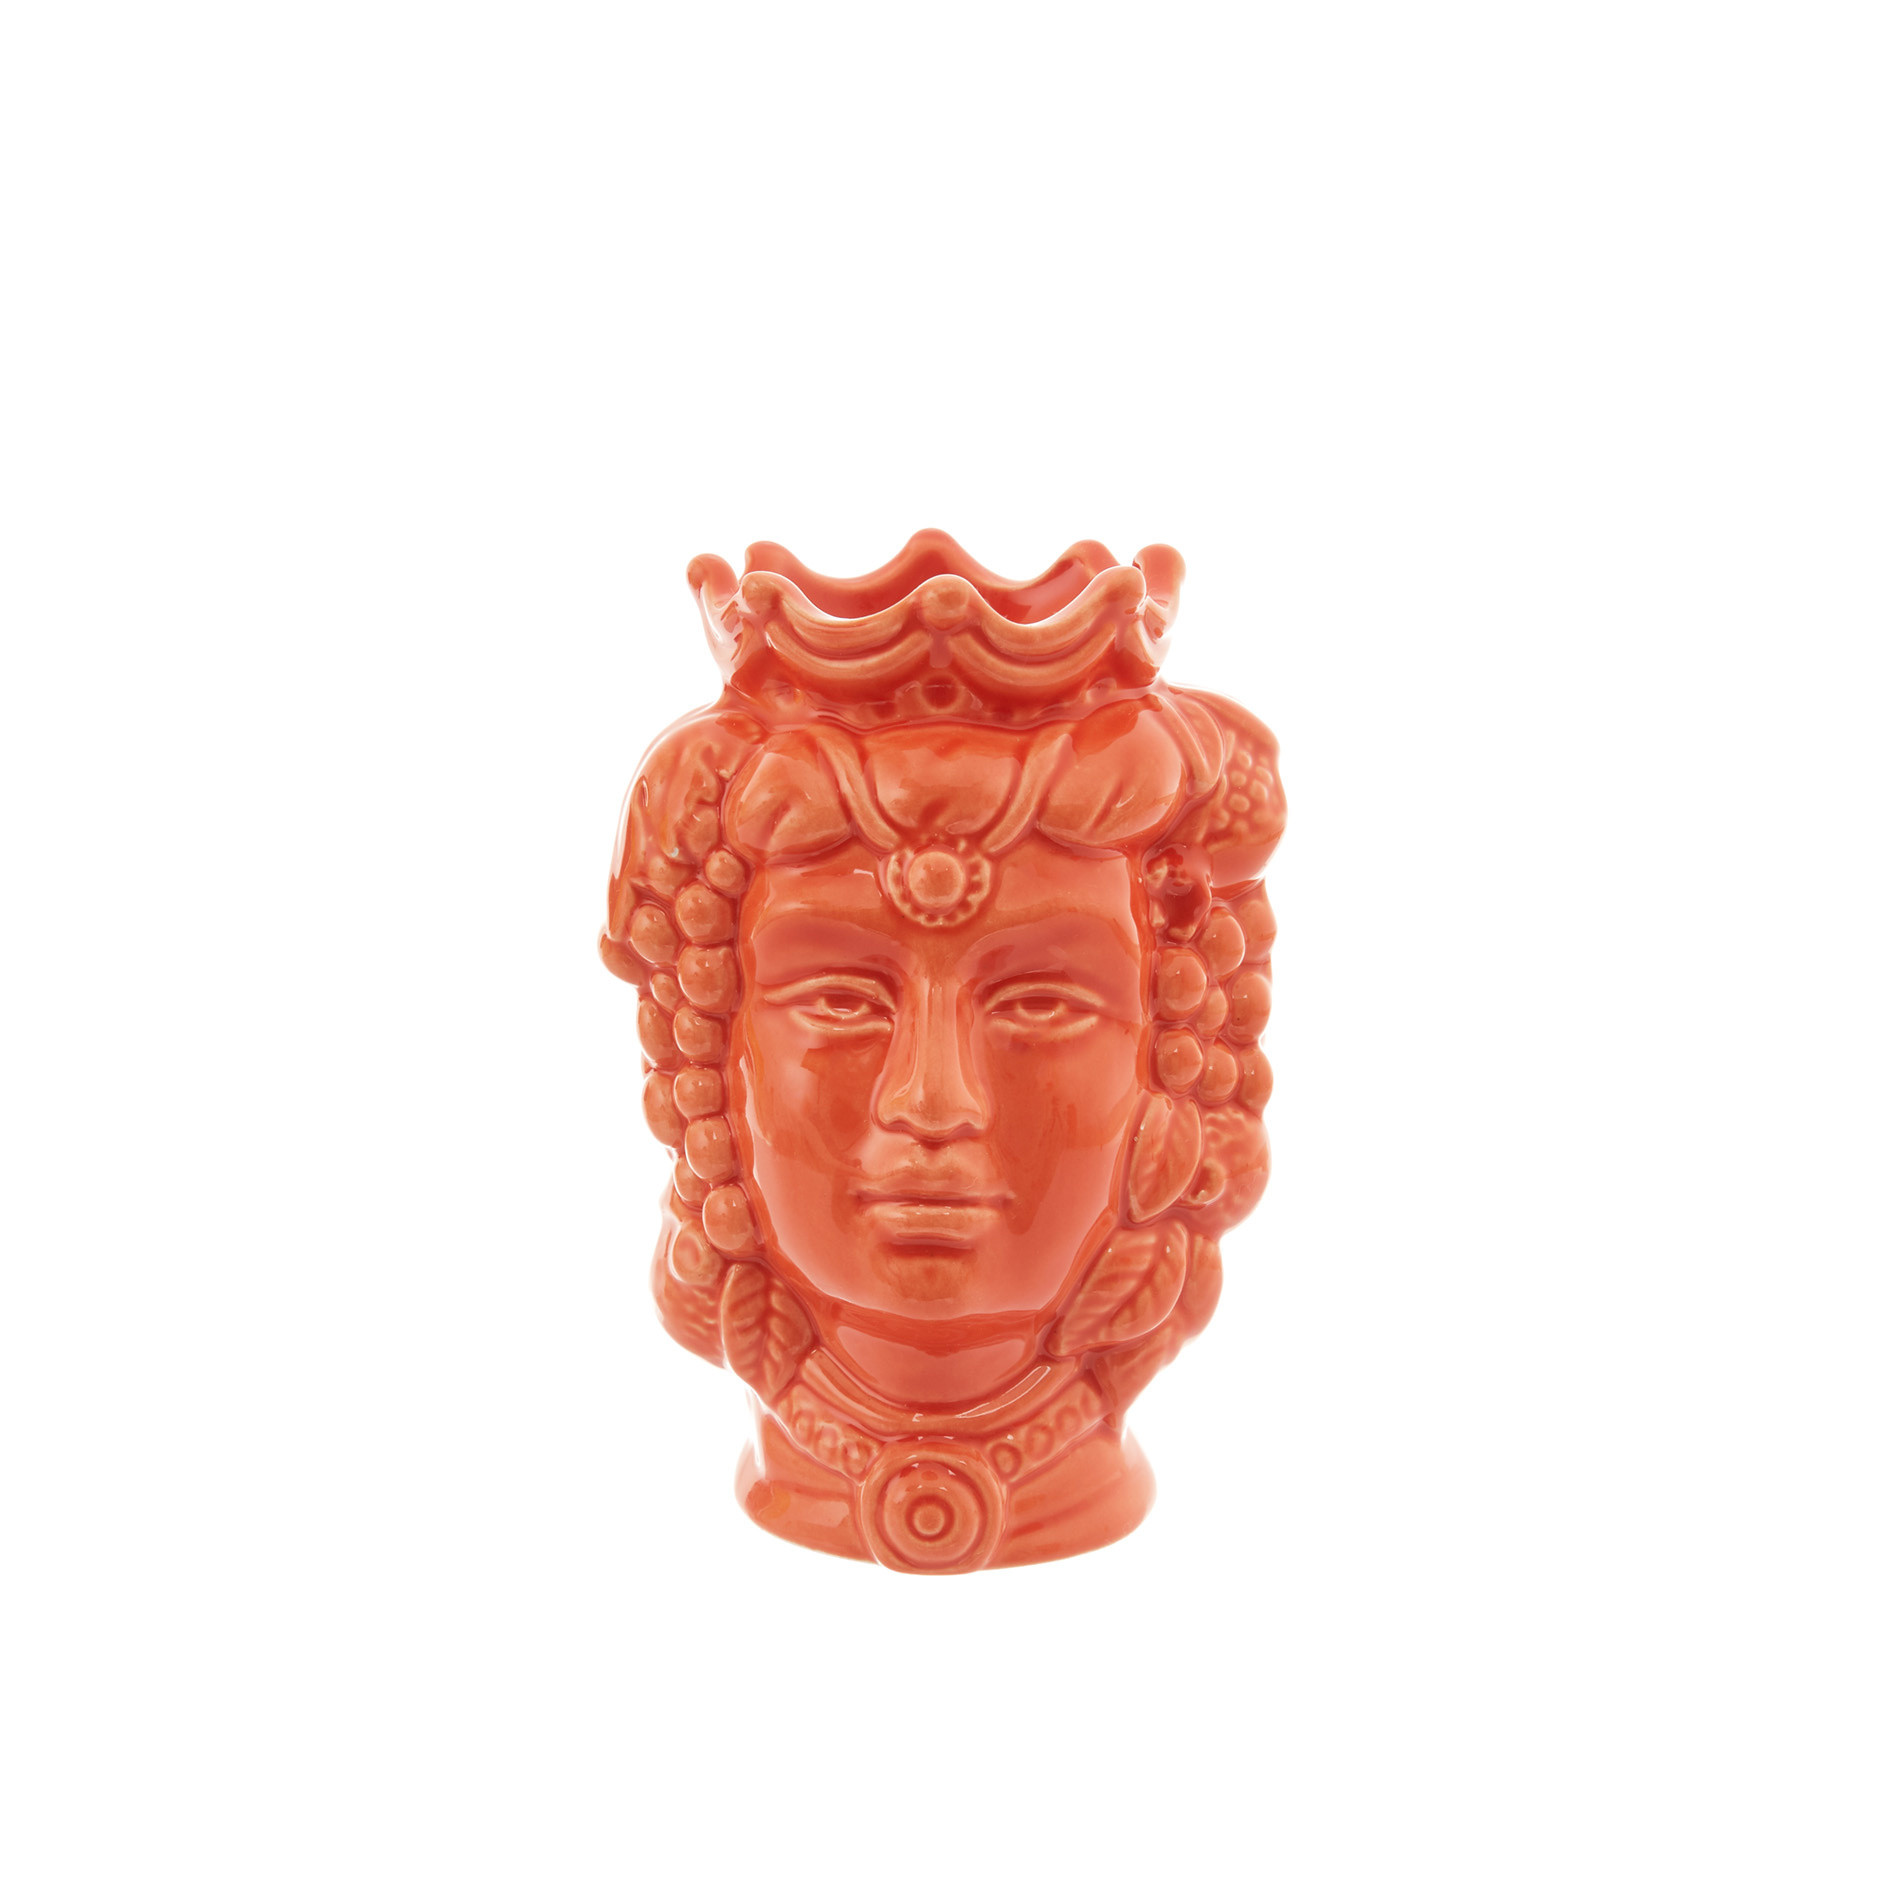 Testa di moro by Ceramiche Siciliane Ruggeri, Arancione, large image number 0